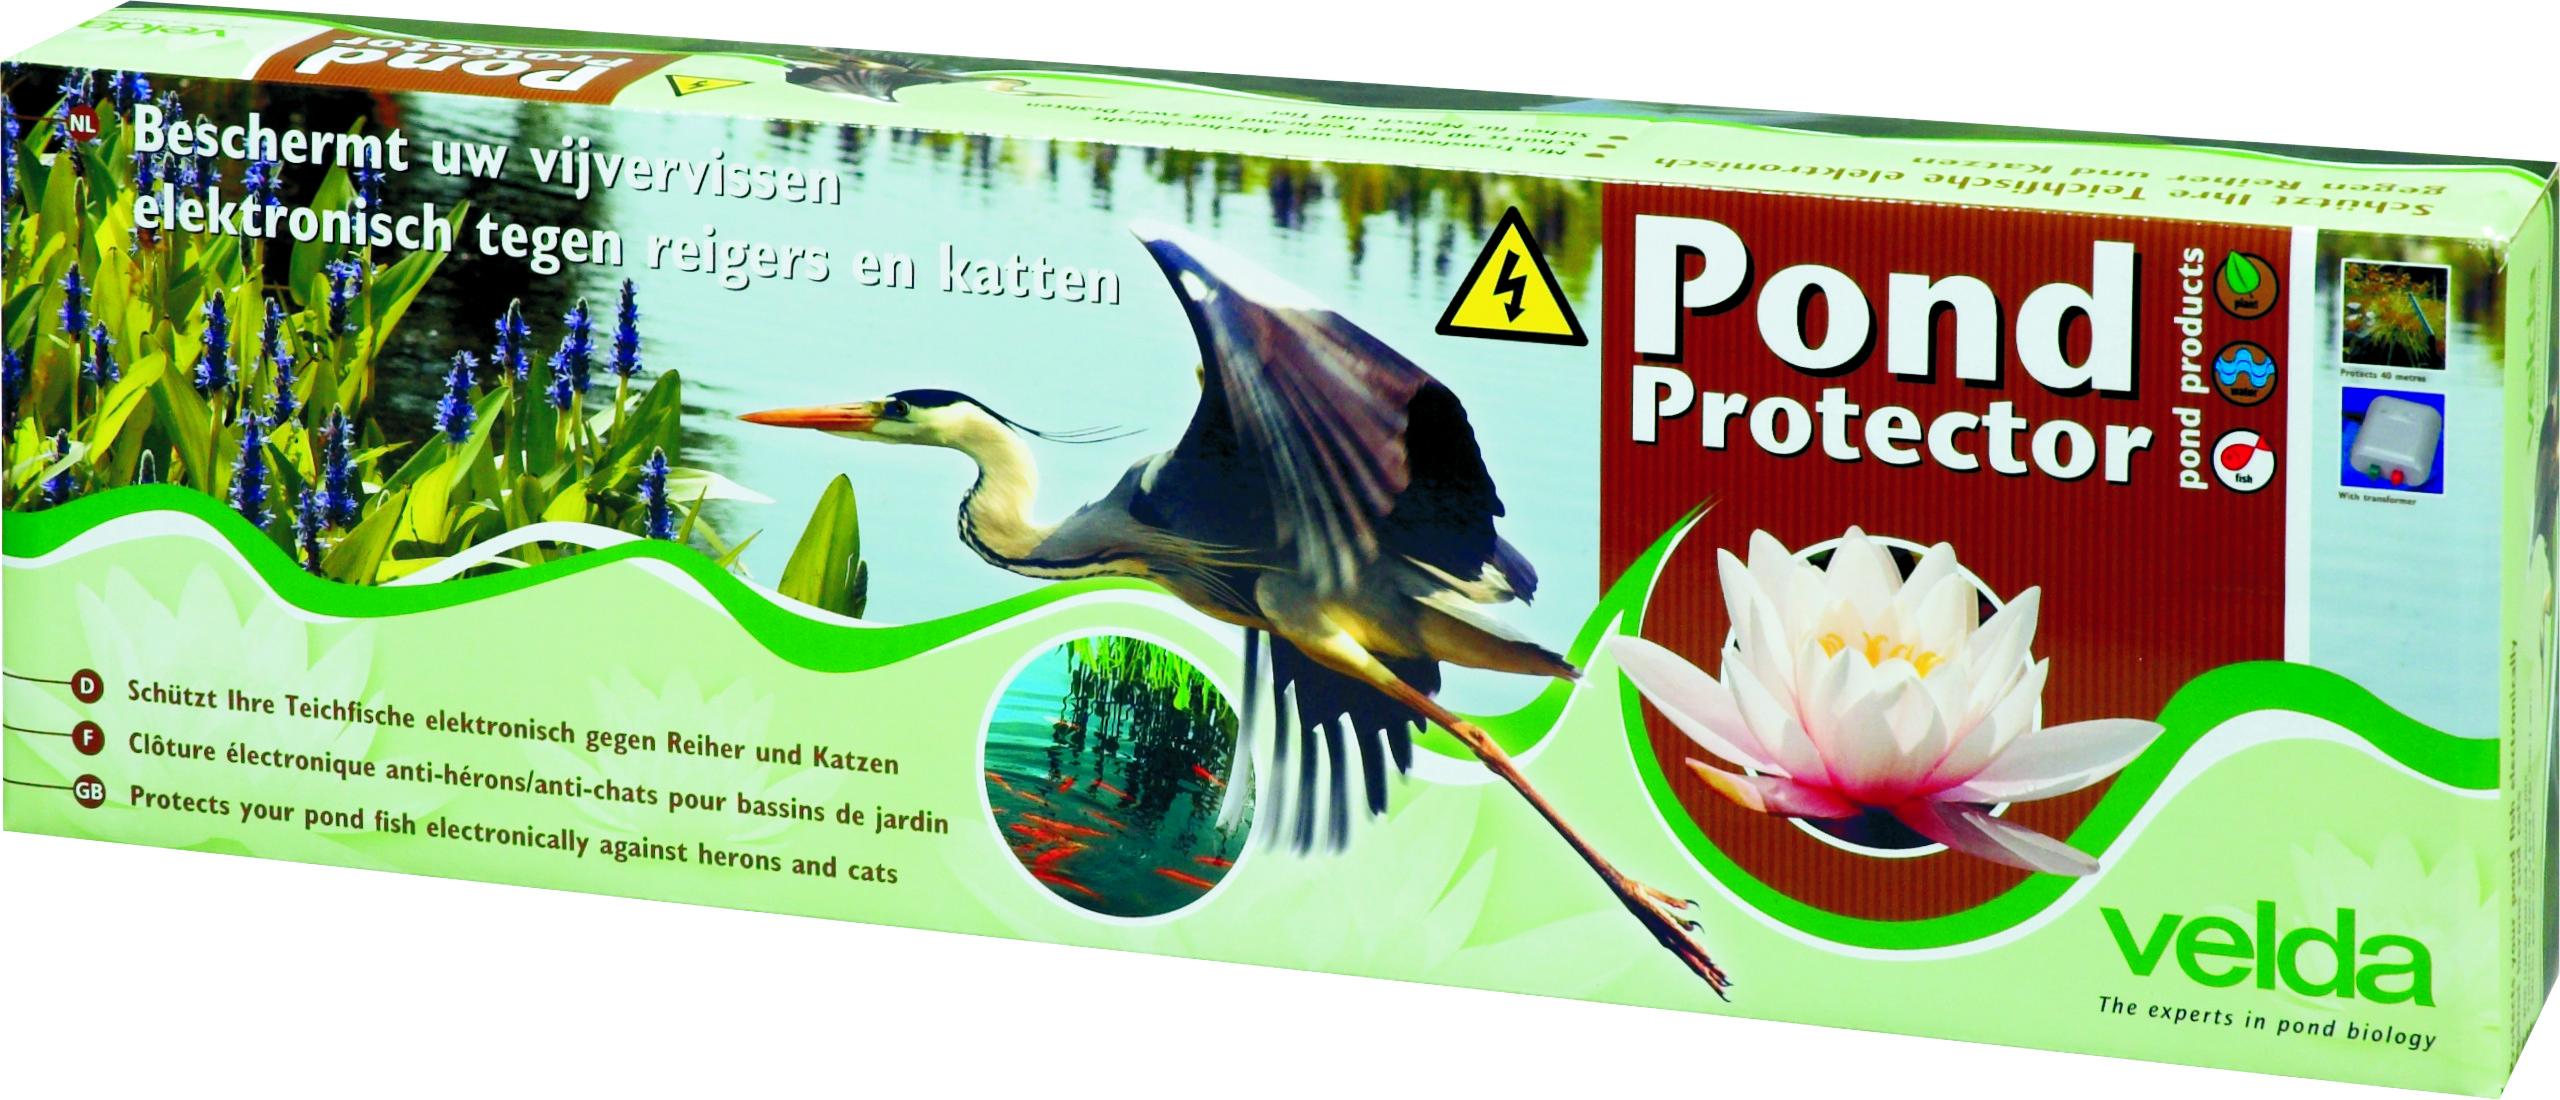 Pond Protector Velda elektronische Teicheinzäunung Reiherschreck Katzenschreck